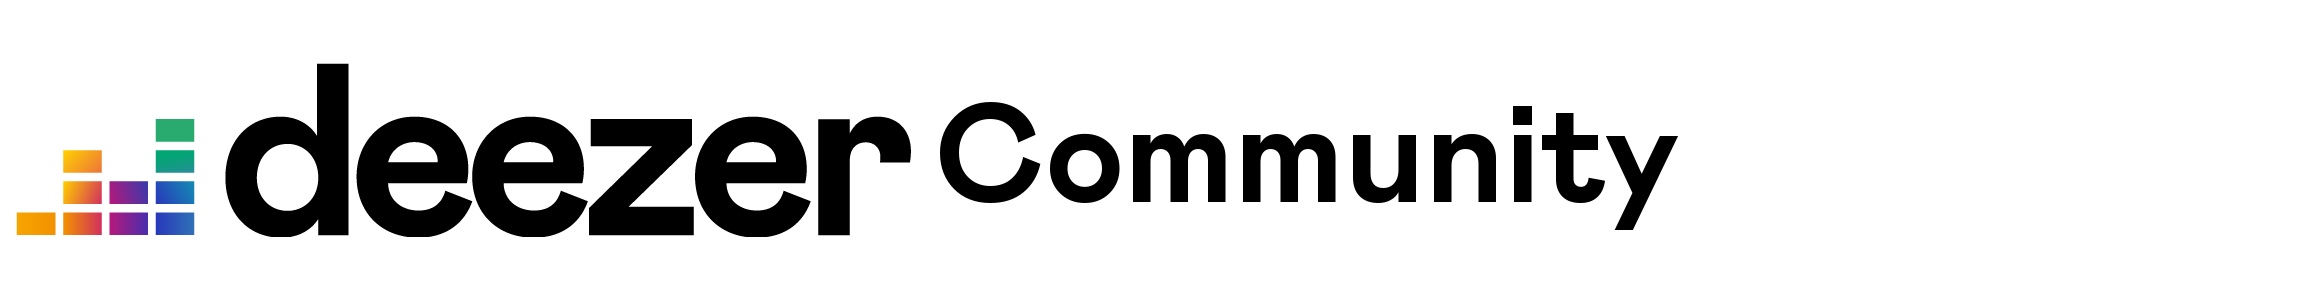 Deezer Community Logo